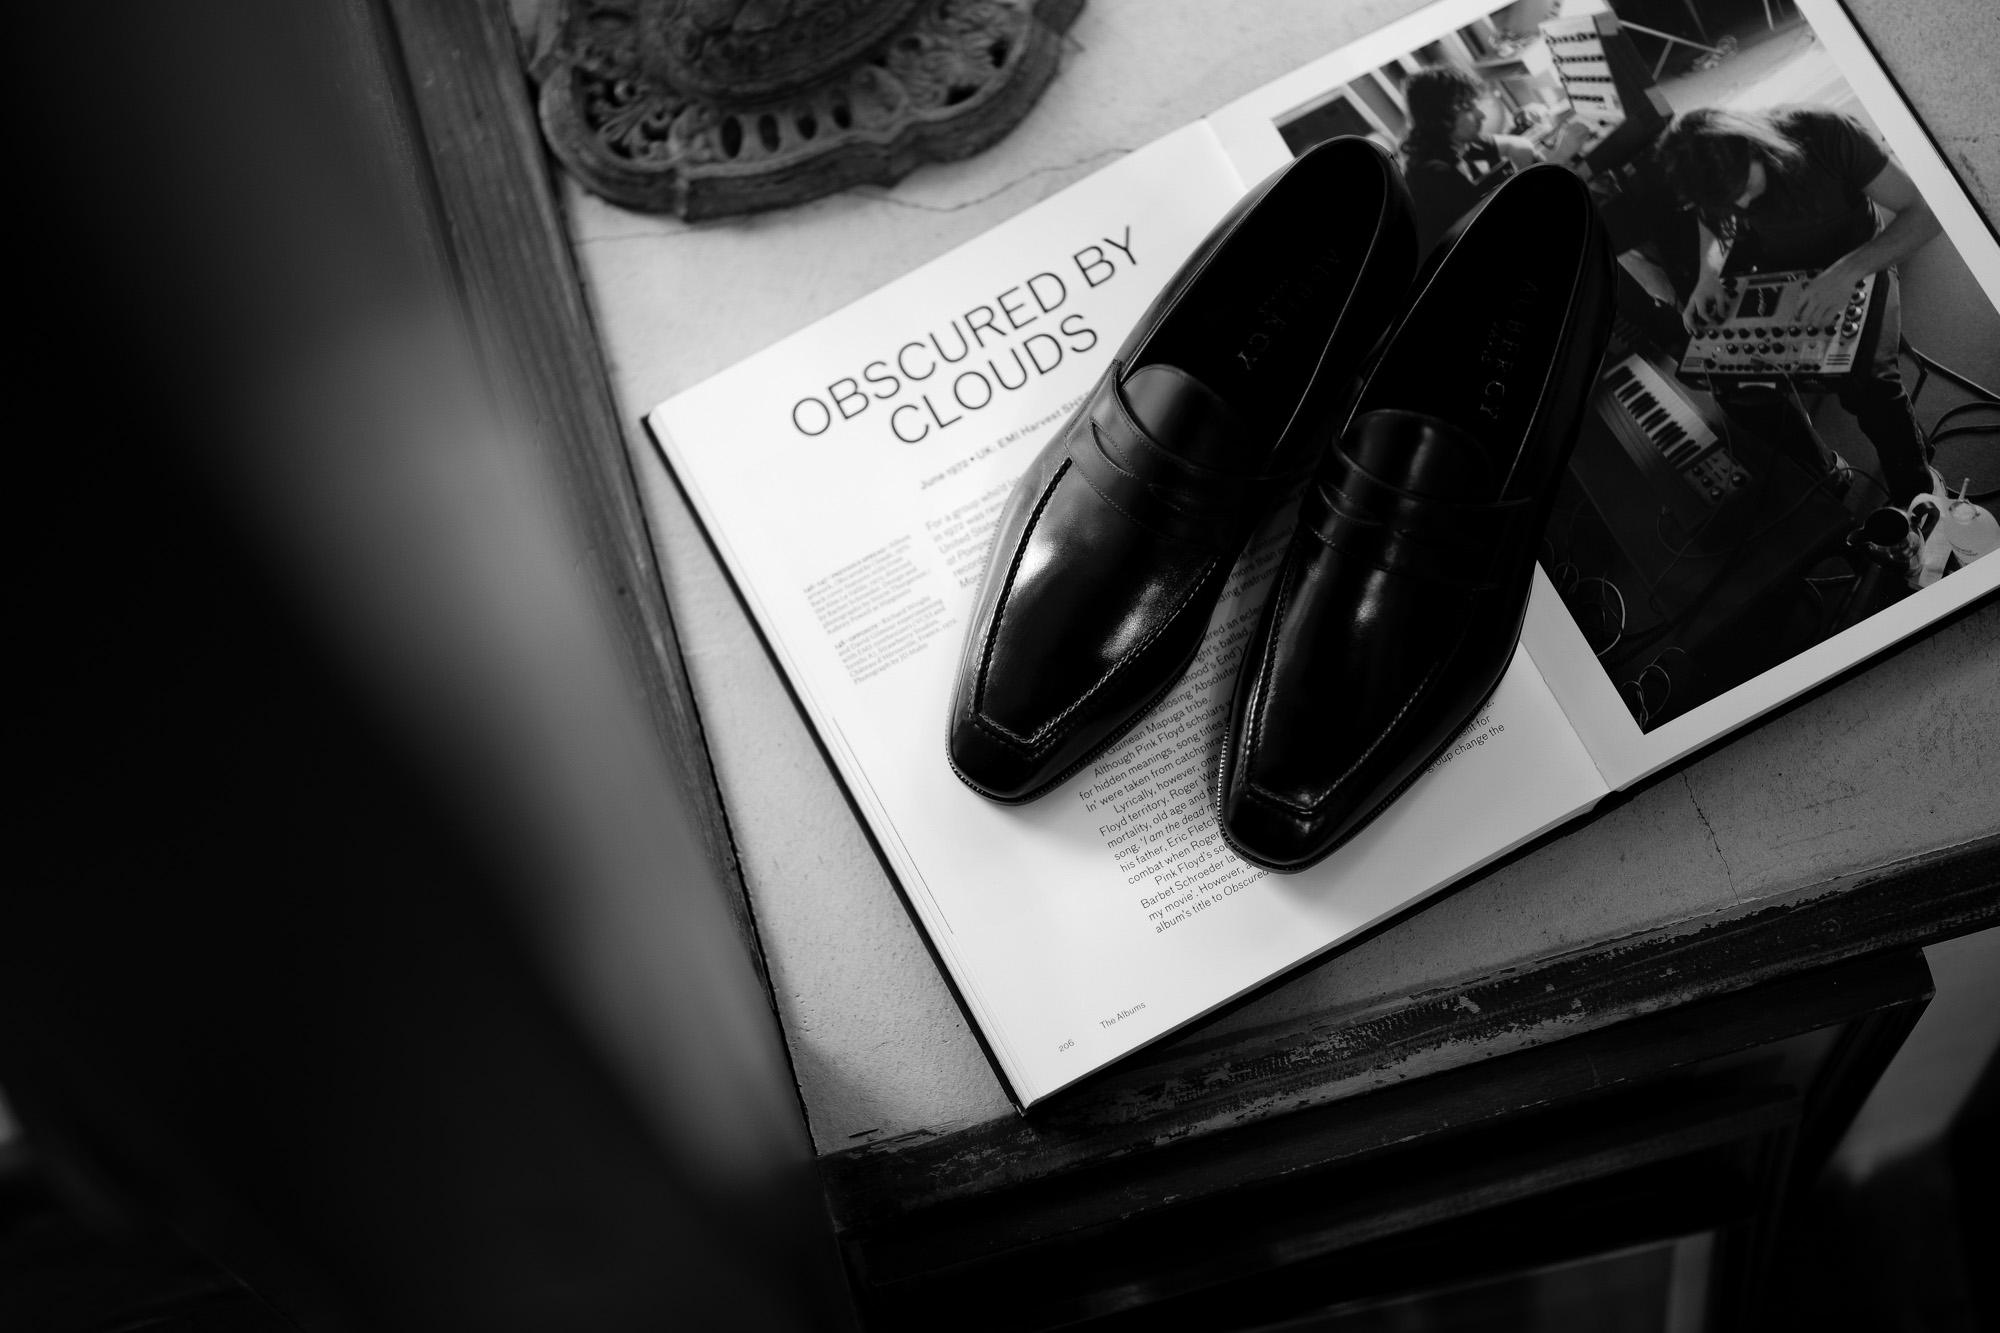 AUBERCY (オーベルシー) LUPIN 3565 Coin Loafer (ルパン) Du Puy Vitello デュプイ社ボックスカーフ ドレスシューズ ローファー NERO (ブラック) made in italy (イタリア製) 2021 オーベルシー ルパン ヴィッテロレザー カーフレザー コインローファー ブラック ローファー ドレスシューズ 日本代理店 愛知 名古屋 altoediritto アルトエデリット